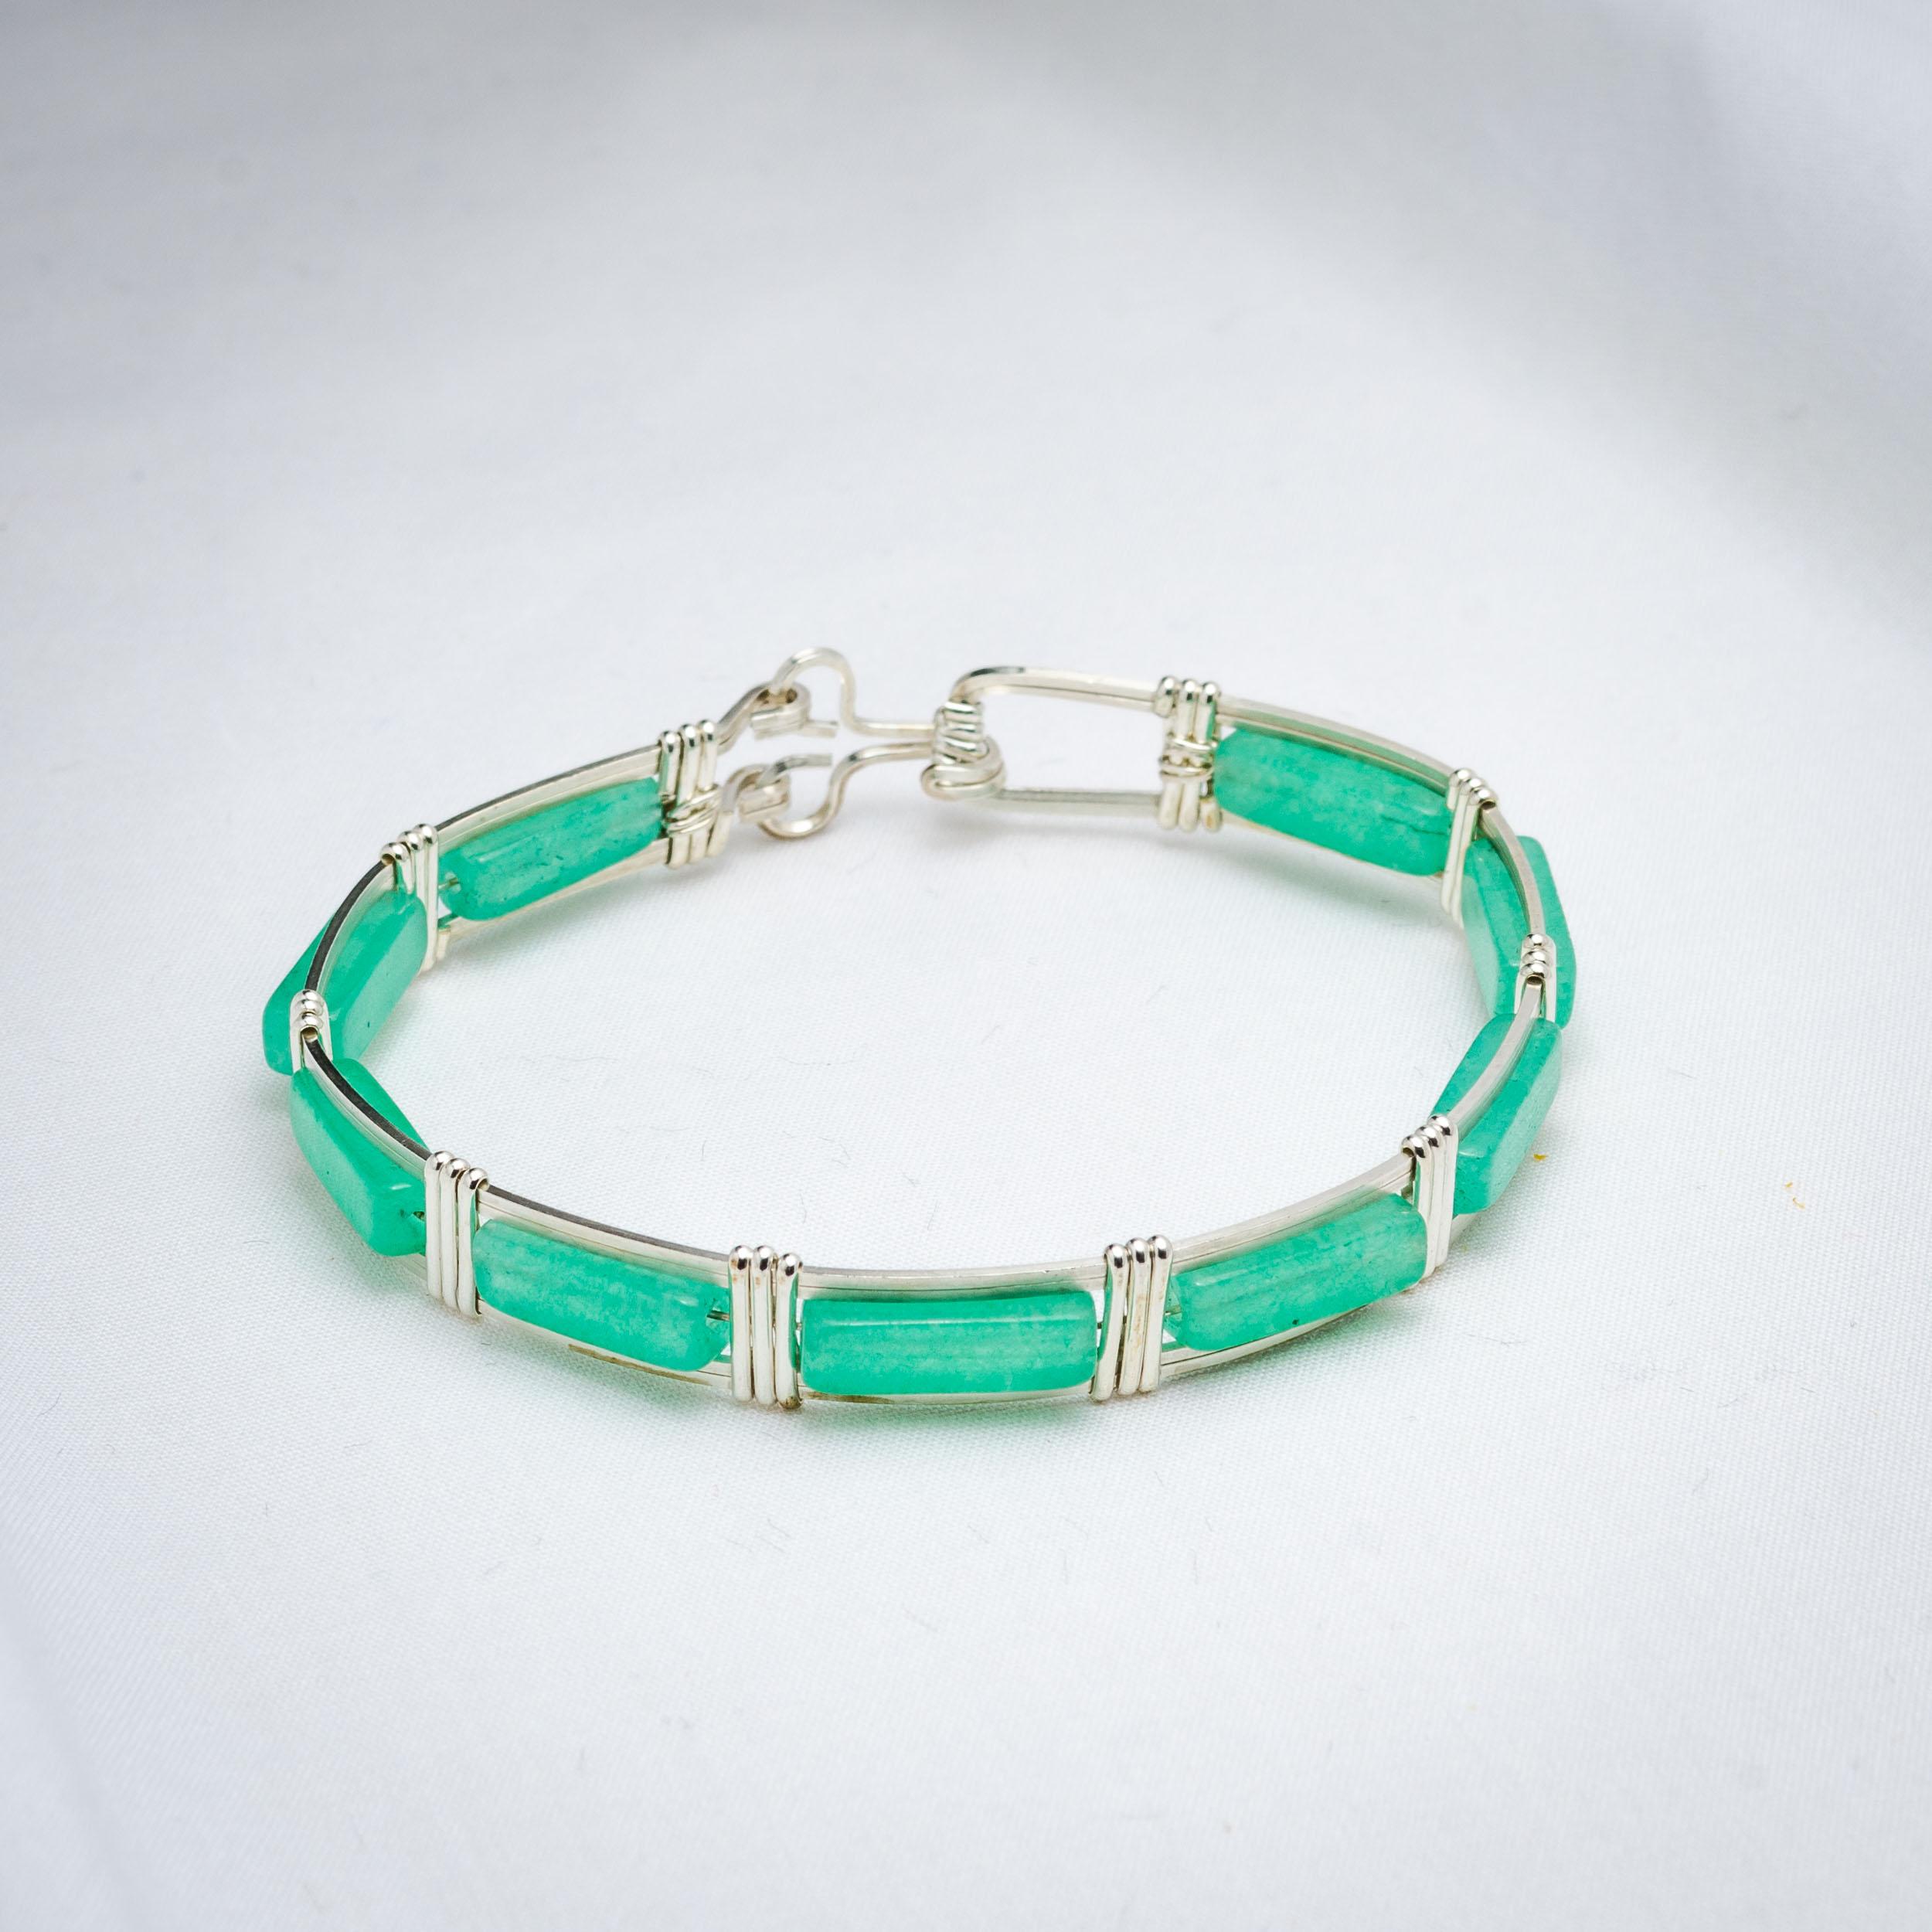 Bracelet_109.JPG